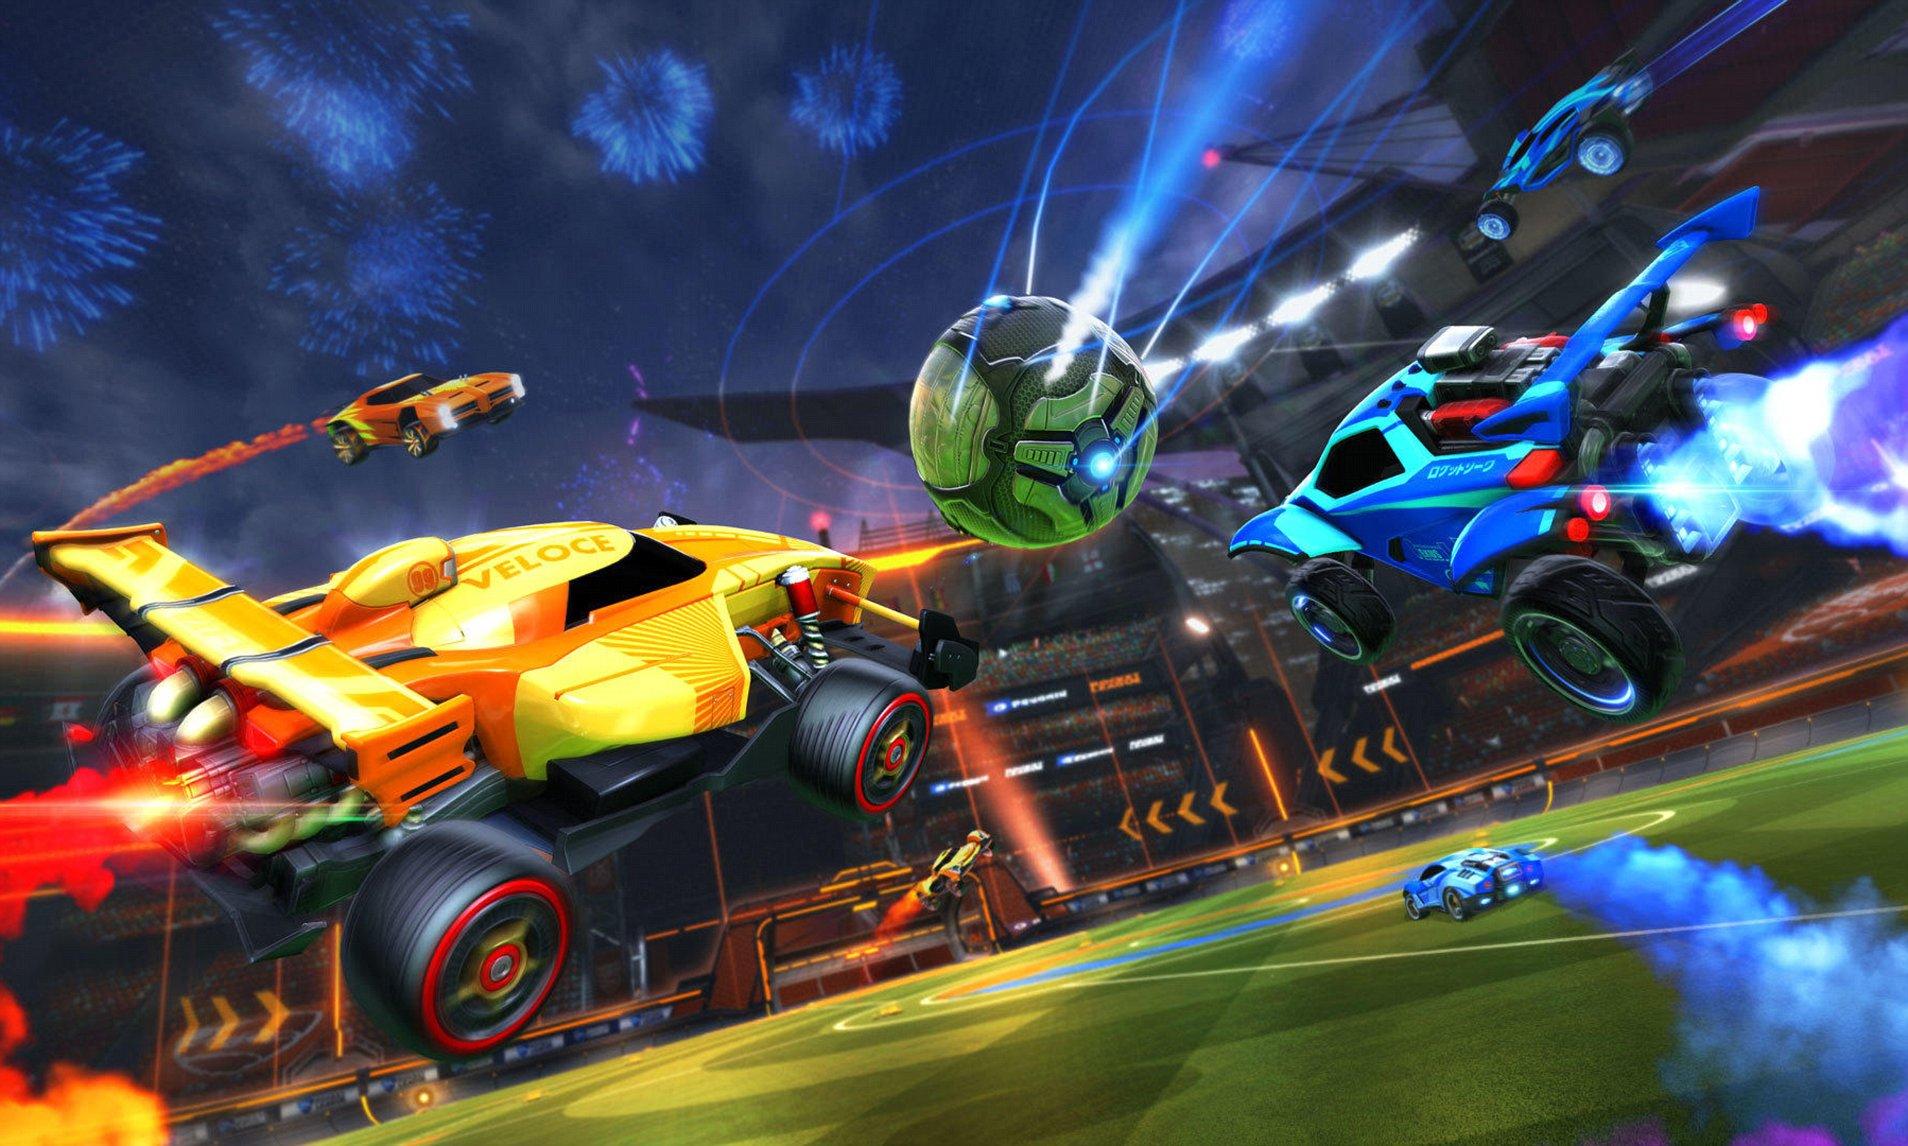 epic-games-psyonix-rocket-league